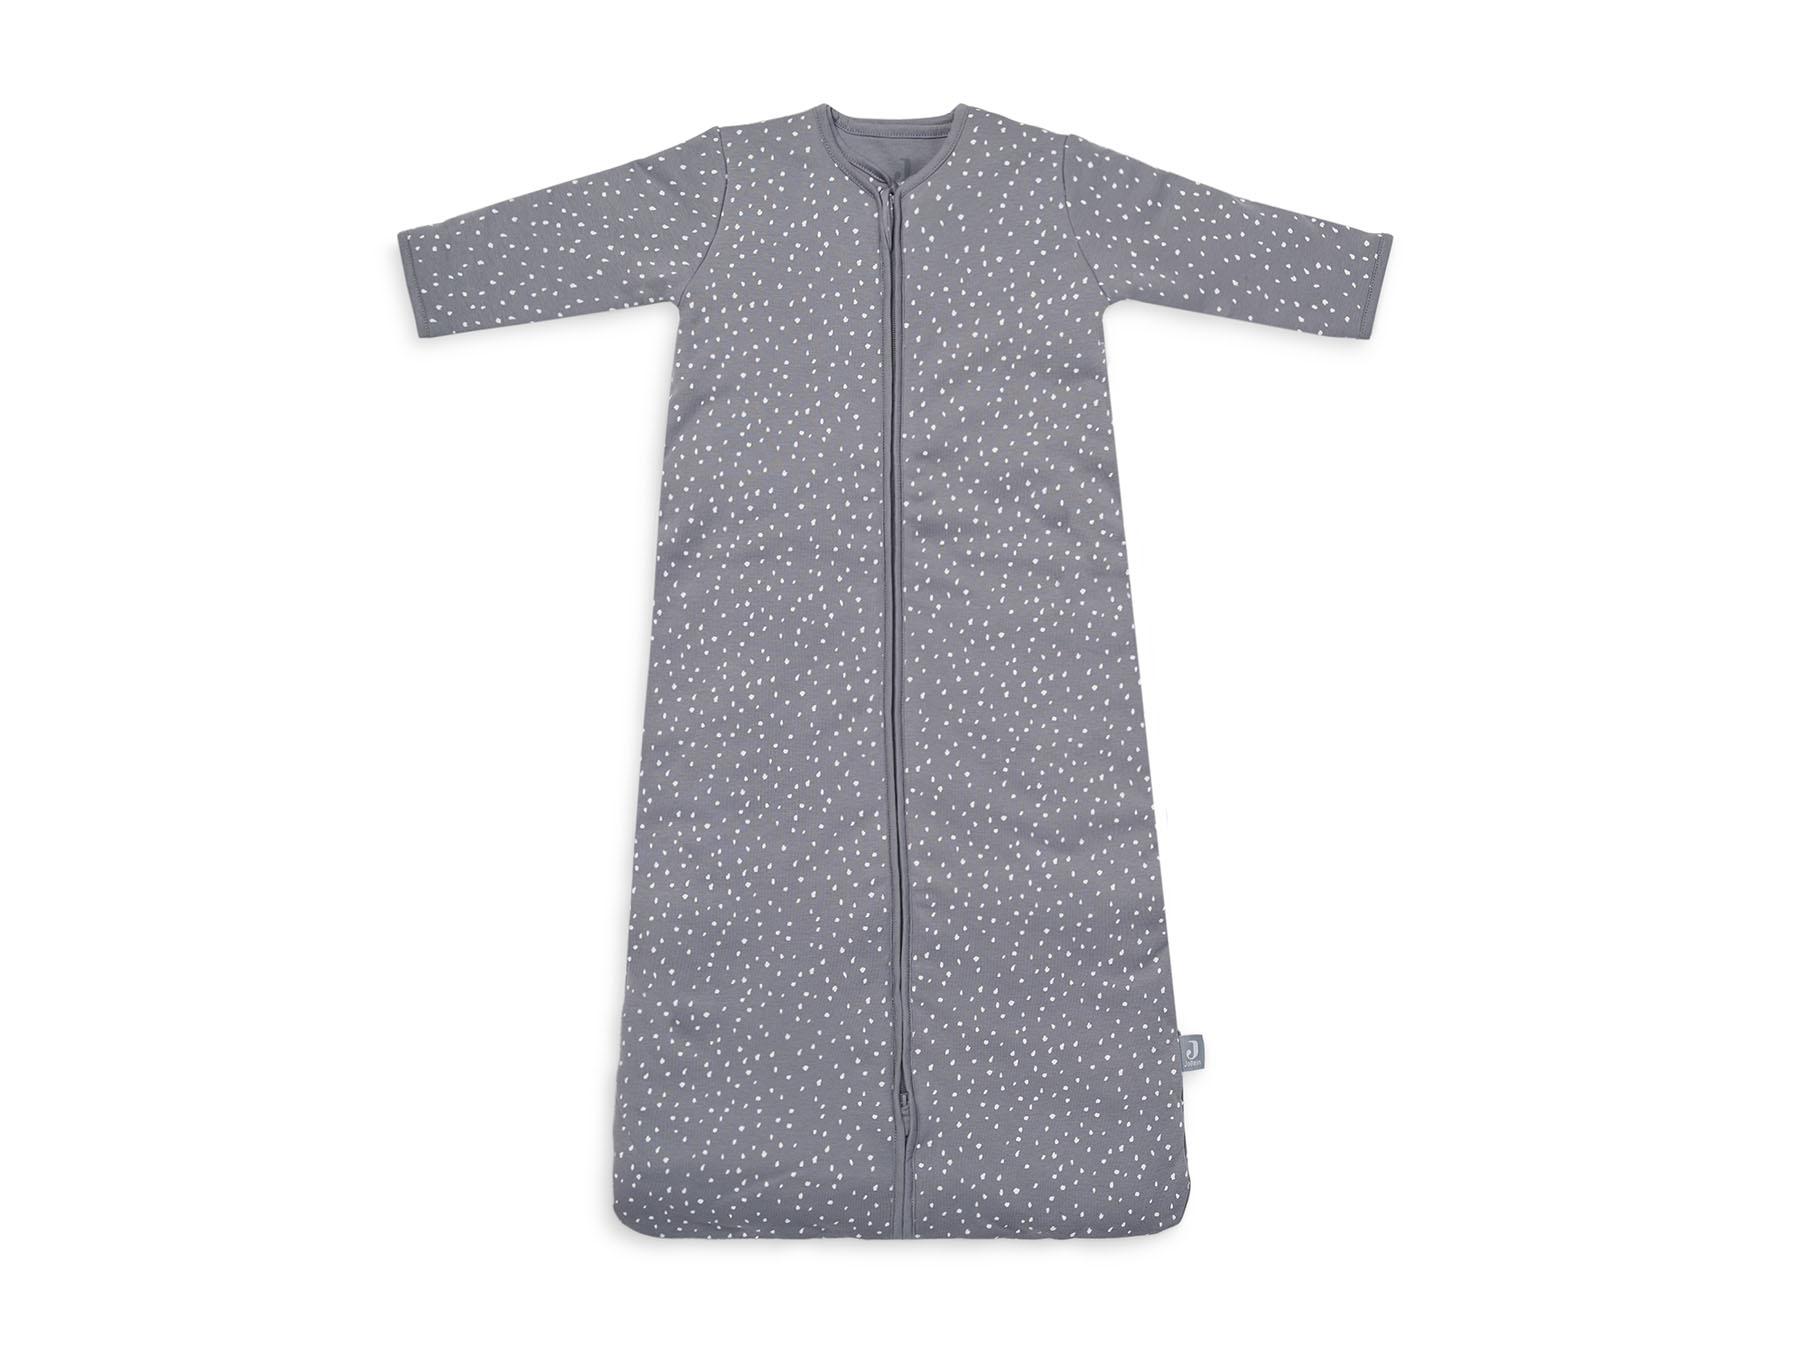 Schlafsack 4 Jahreszeiten Spickle grau (Gr. 90 cm)